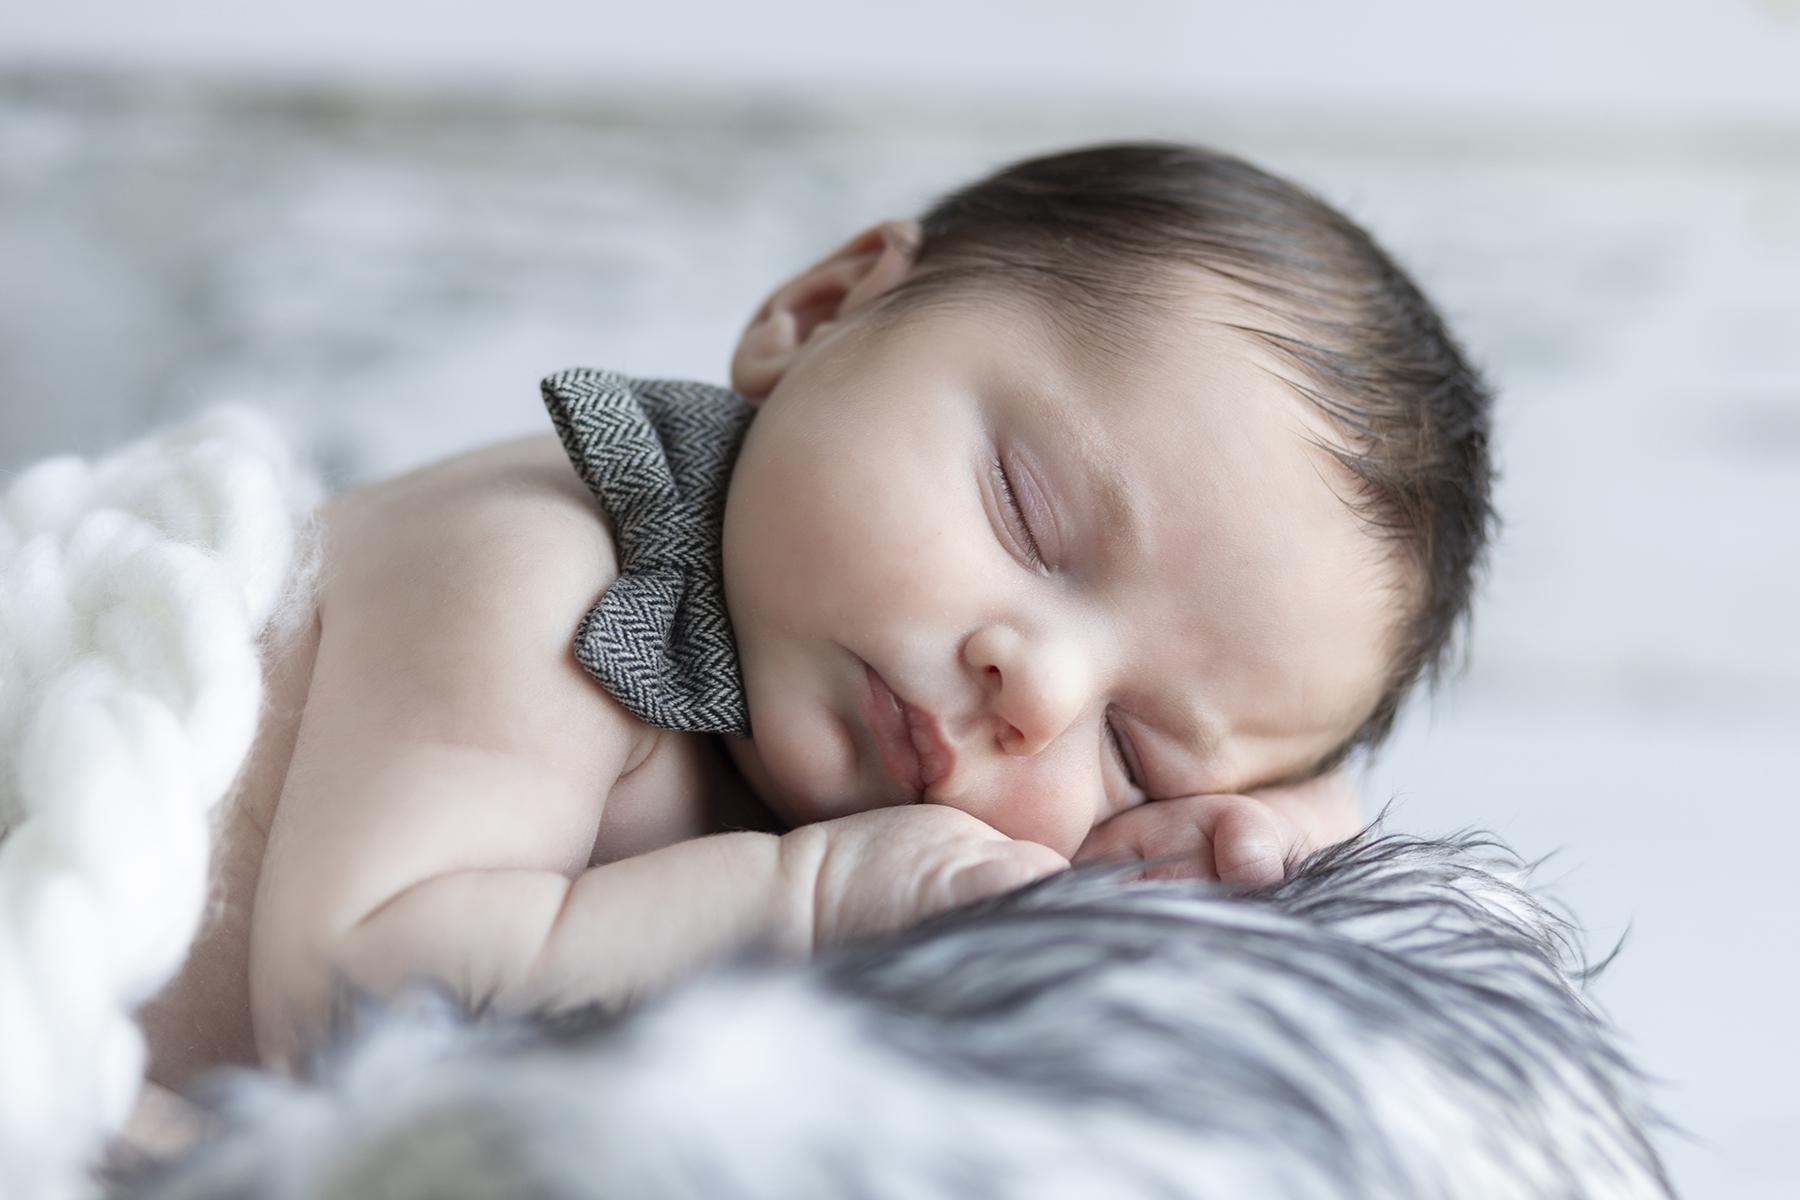 Photographe de portrait-naissance-Nantes